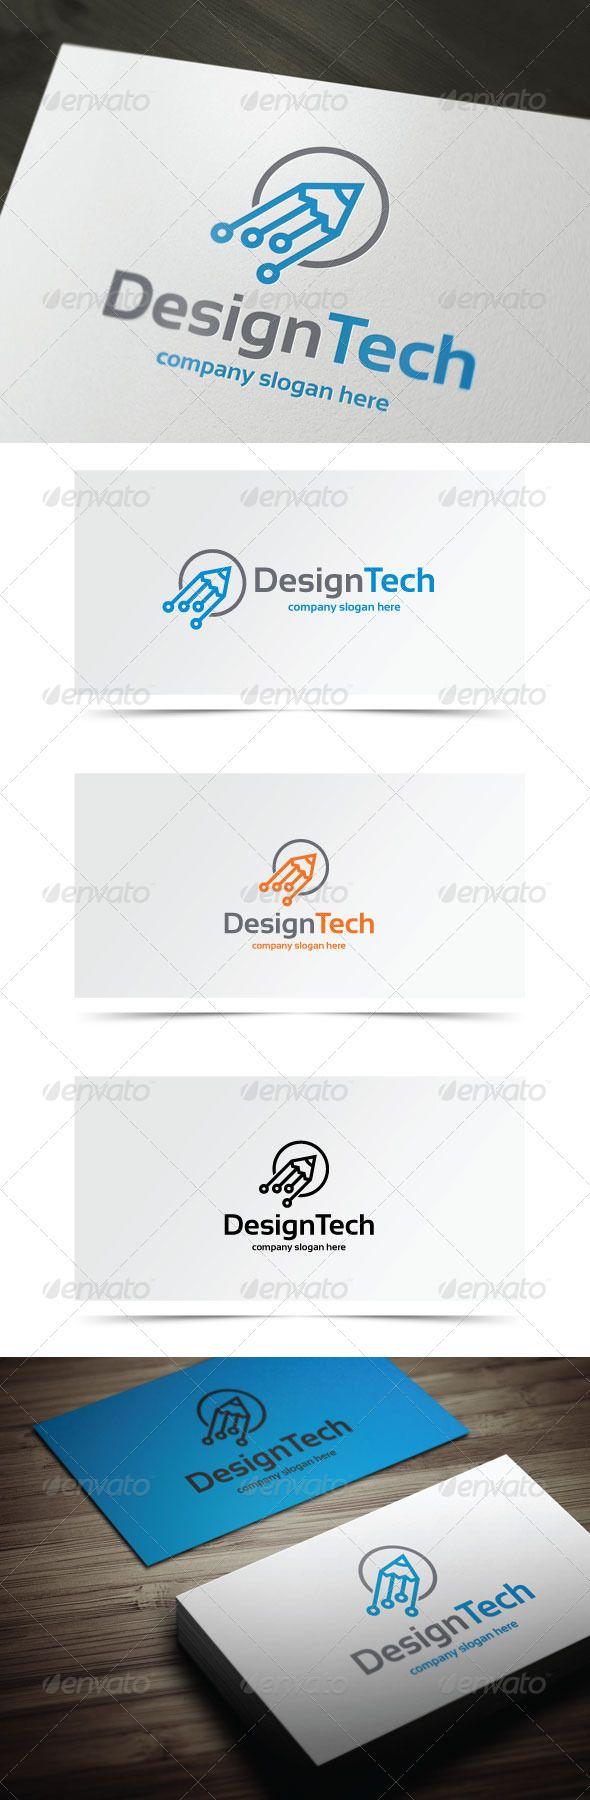 Design Tech Logo templates, Vector logo